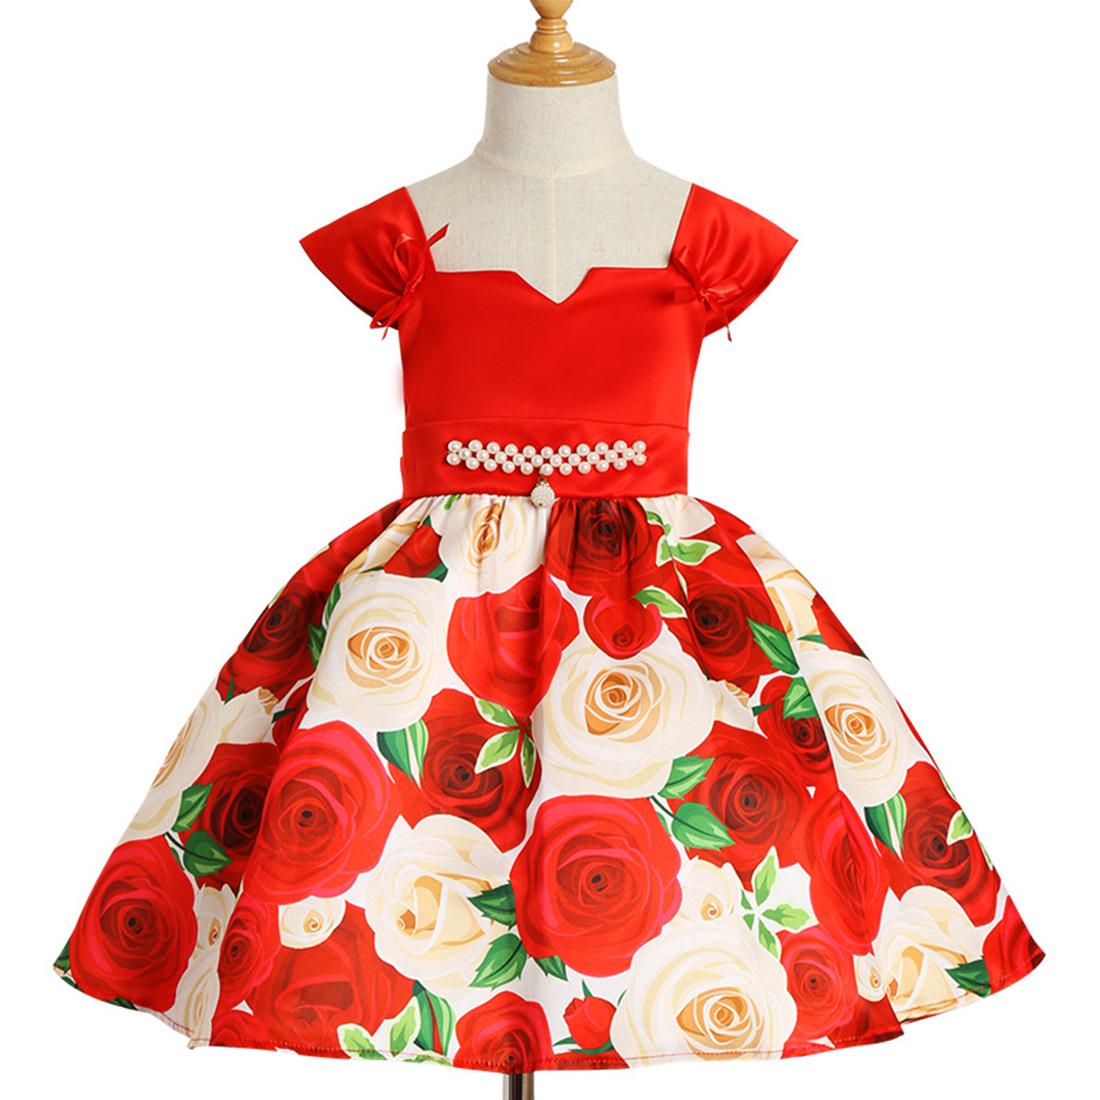 Fashionable flower girl dresses 13